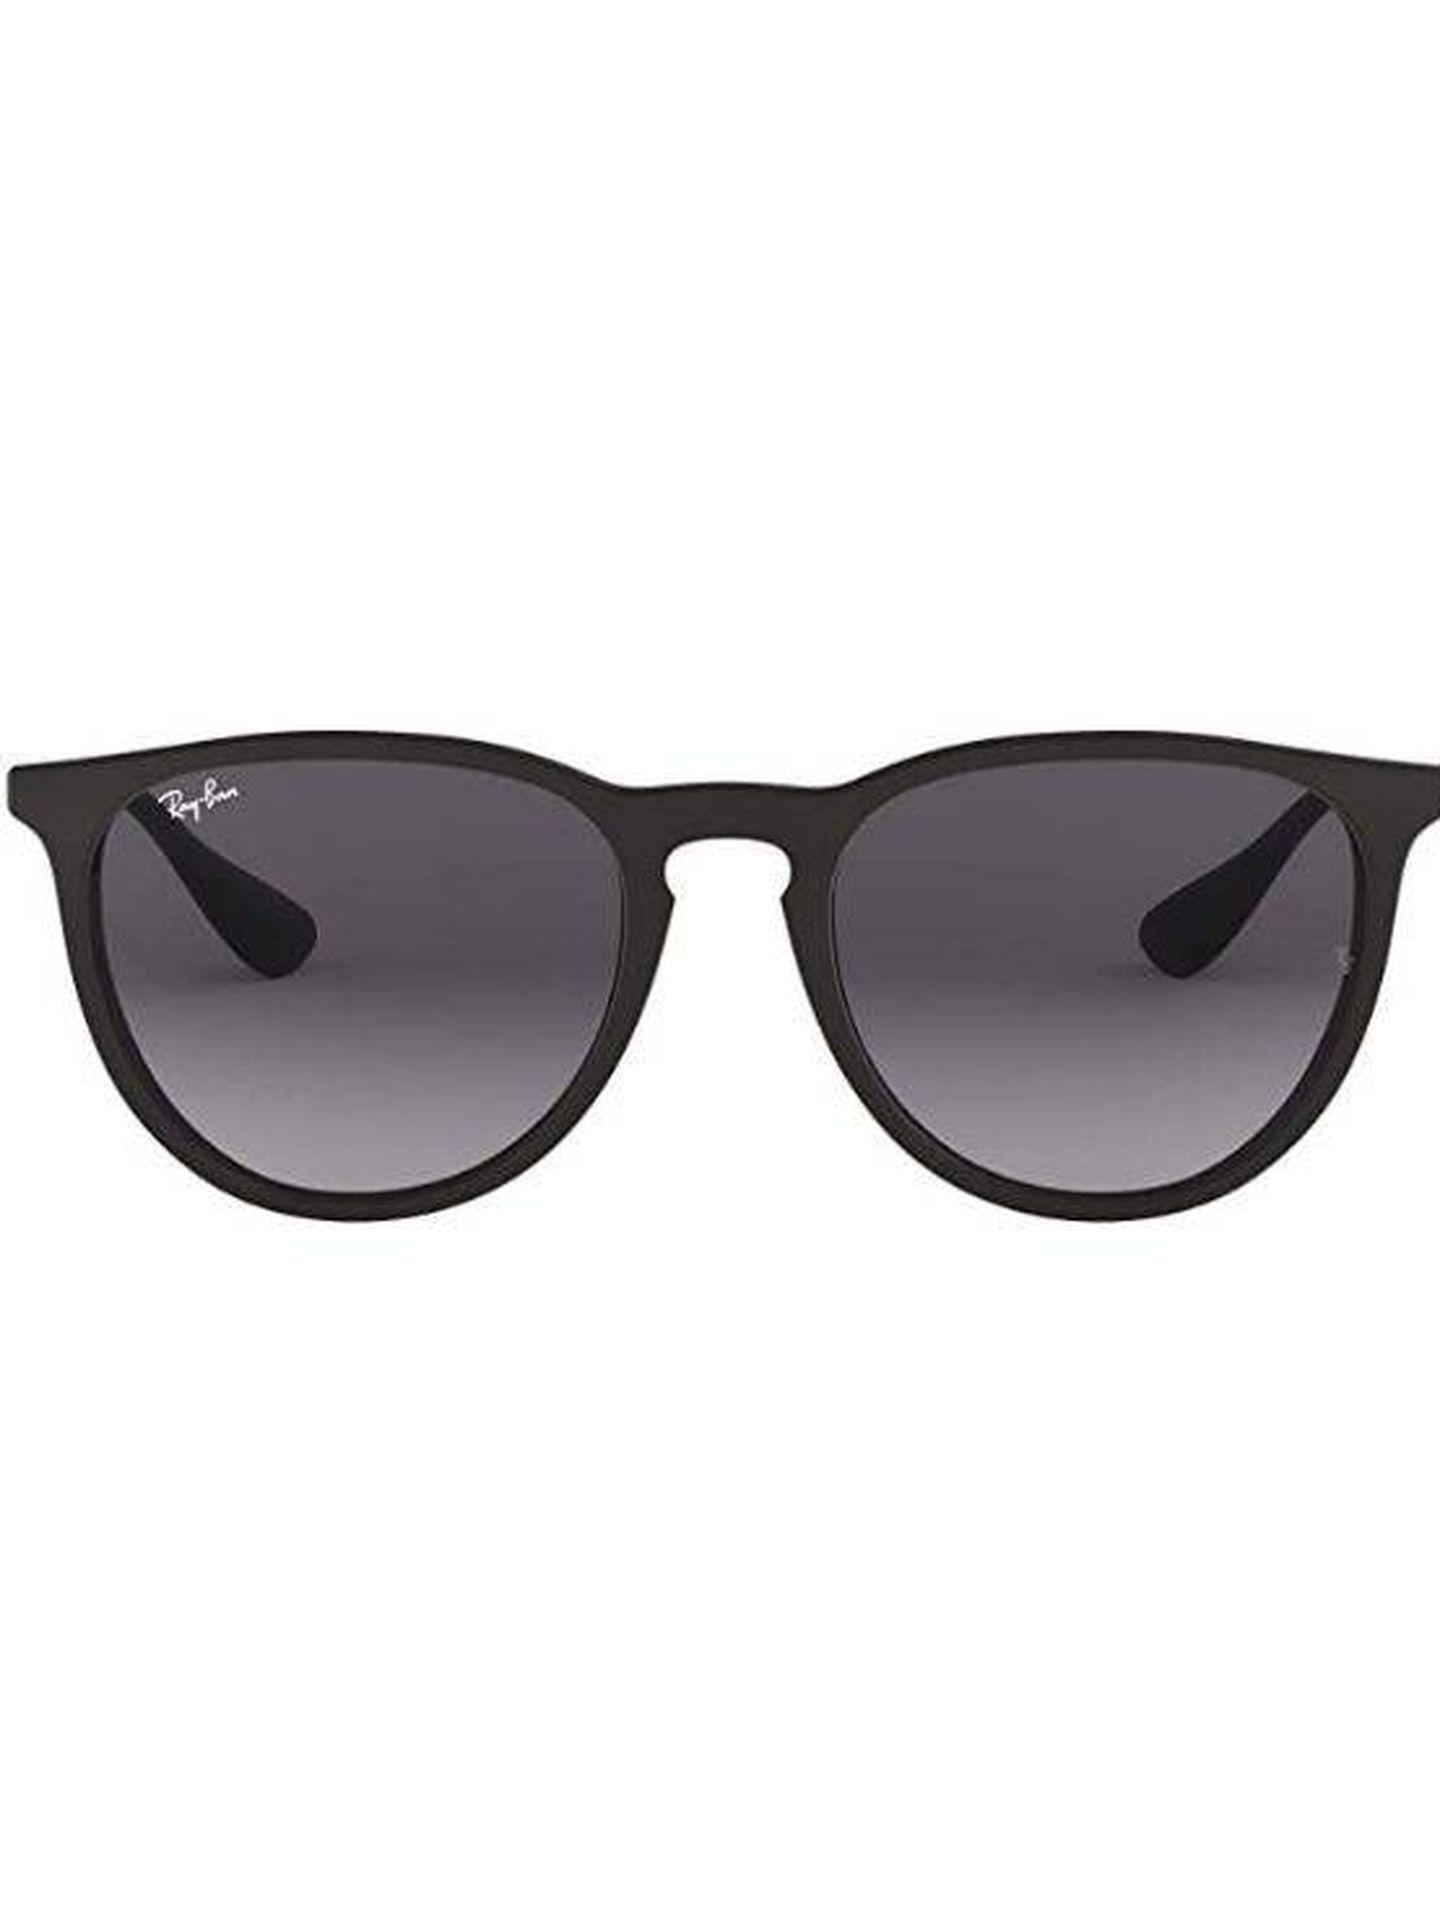 Gafas de sol Ray-Ban. (Cortesía)